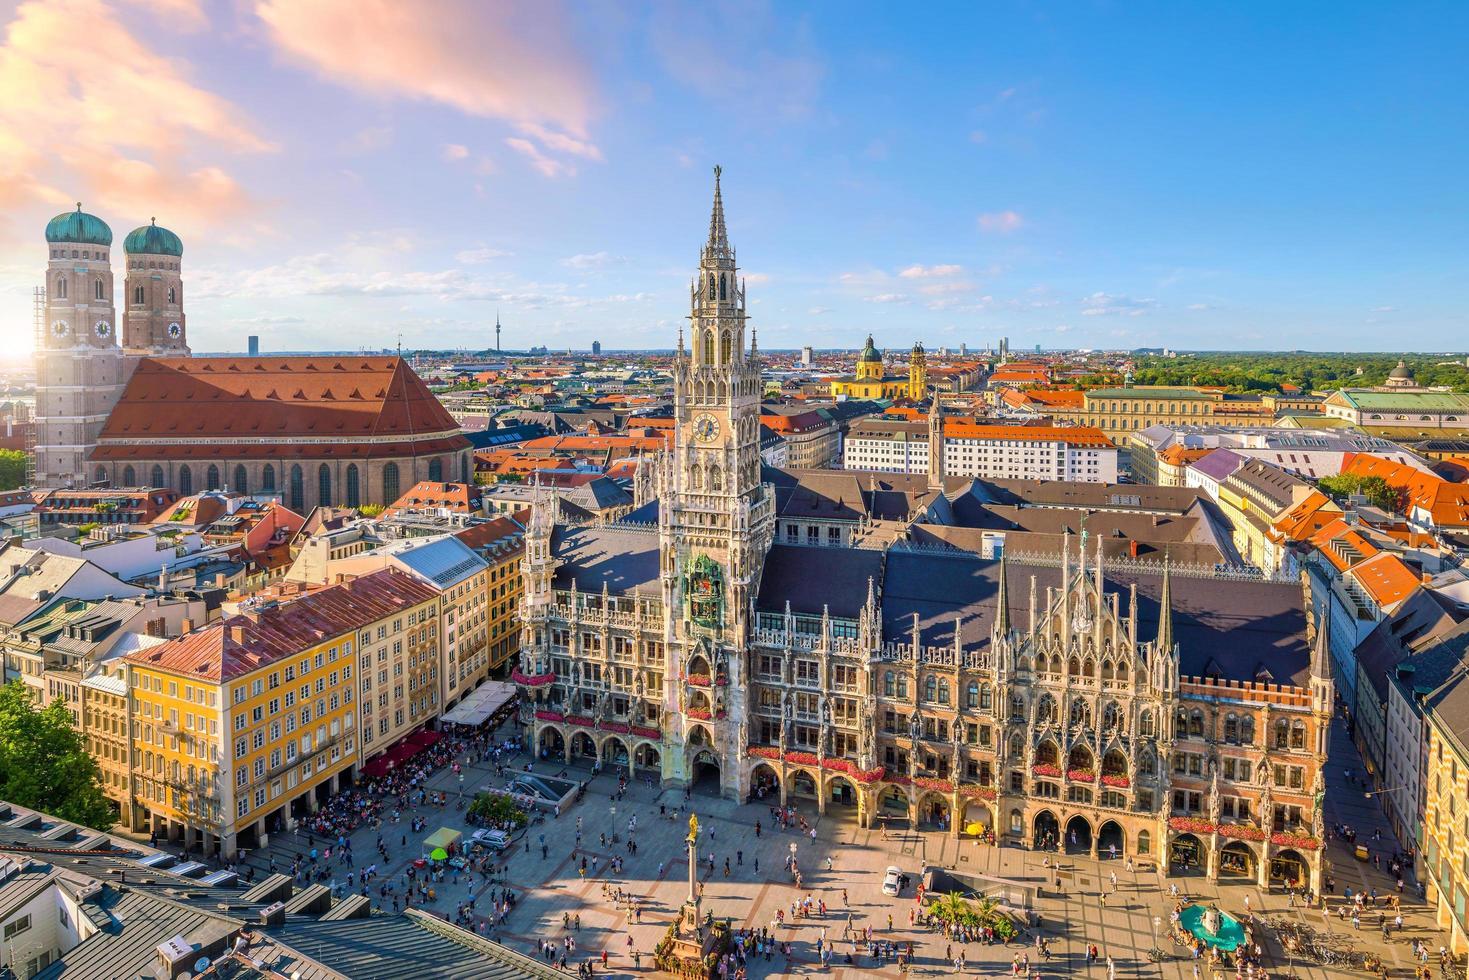 horizonte de munich con el ayuntamiento de marienplatz. foto